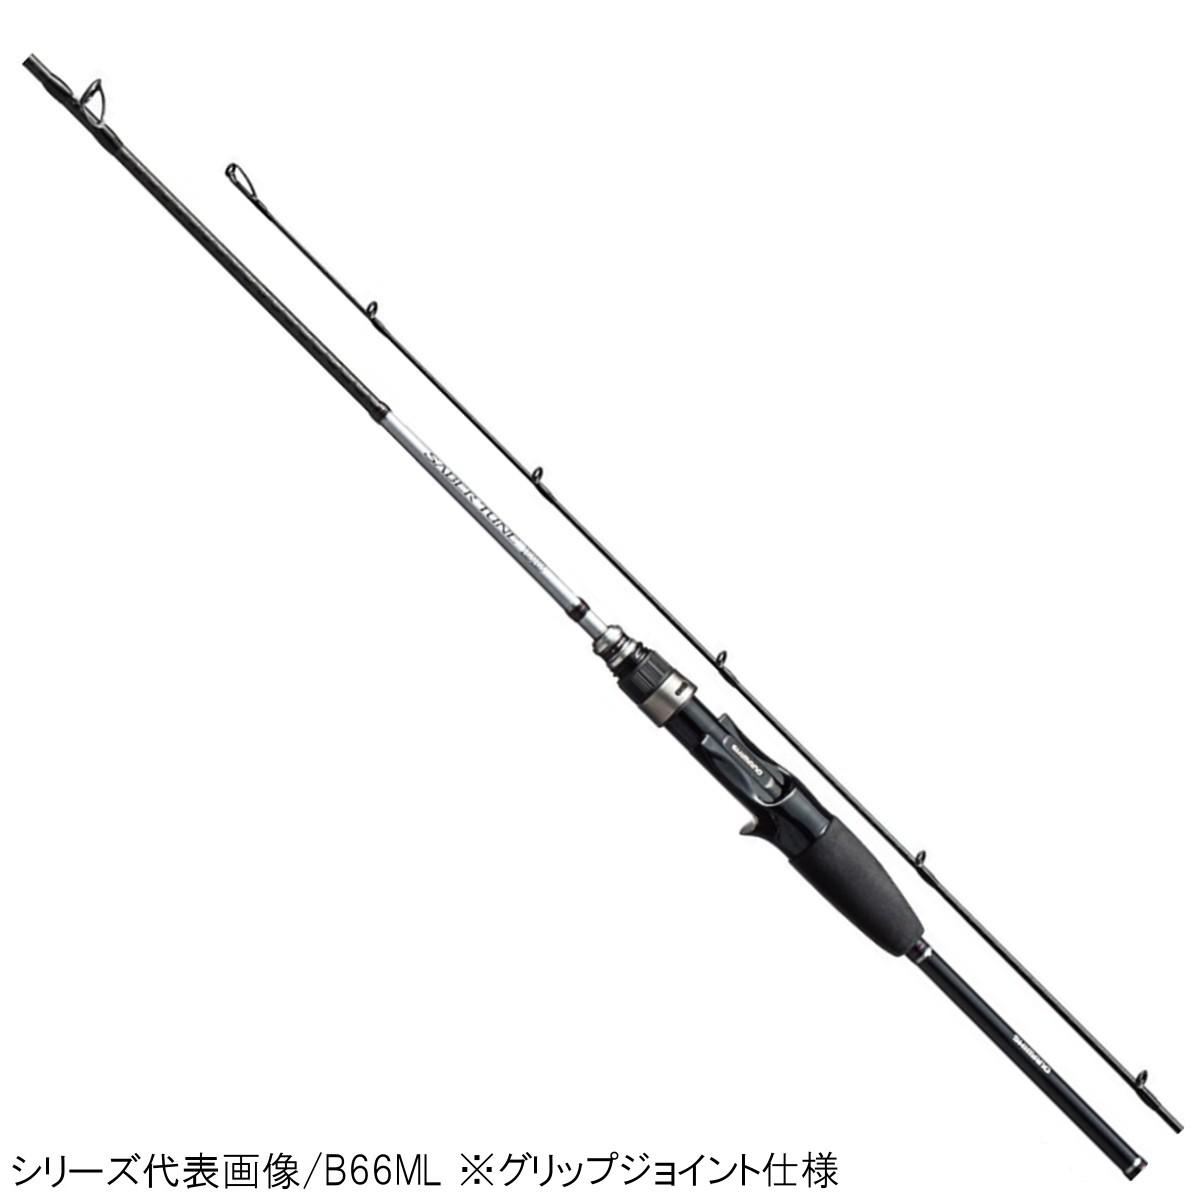 シマノ サーベルチューン BB B66MH